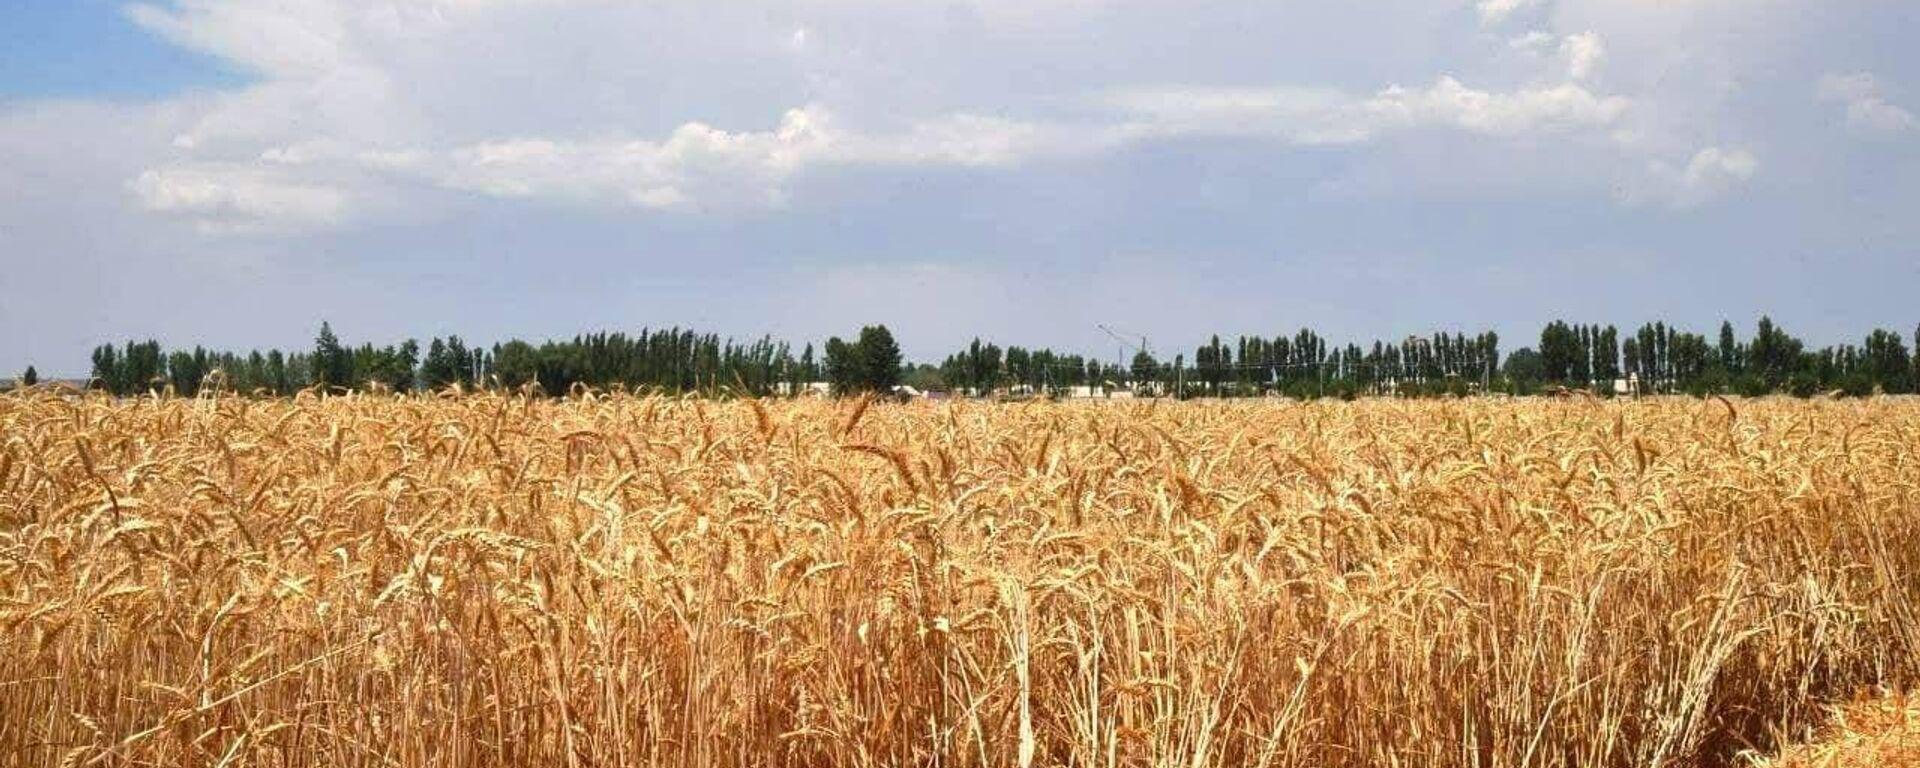 Пшеничное поле - Sputnik Узбекистан, 1920, 17.06.2021